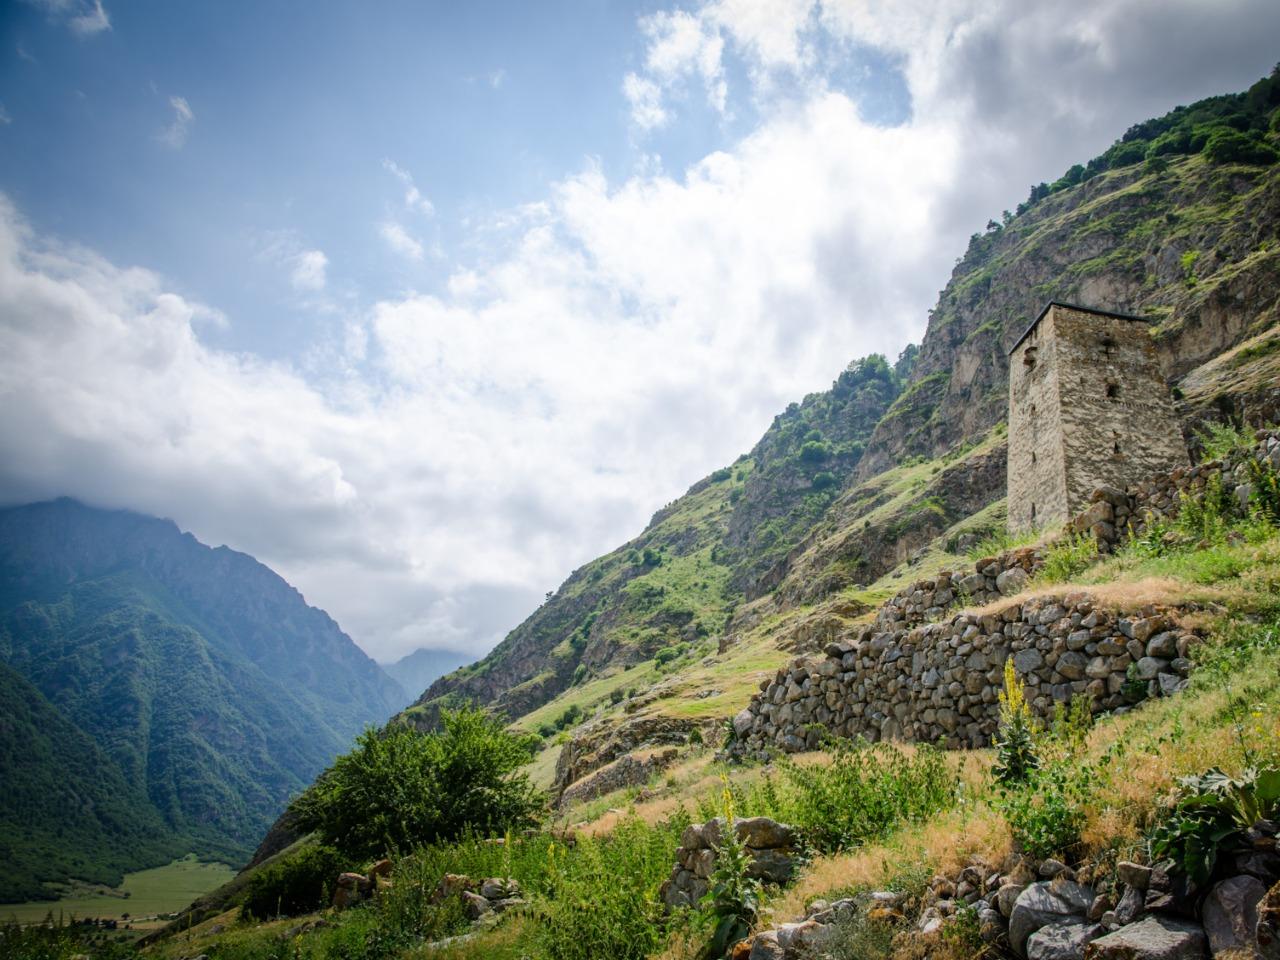 Верхняя Балкария: озера, башни и источники - индивидуальная экскурсия в Кисловодске от опытного гида